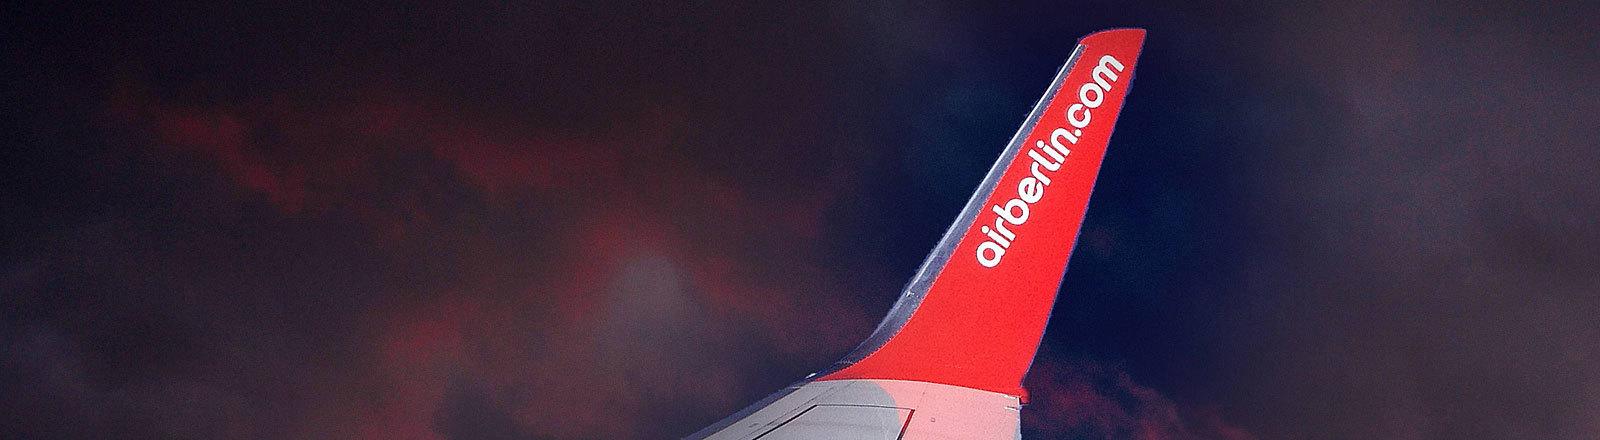 Tragfläche eines Airberlin-Flugzeugs, dunkle Wolken